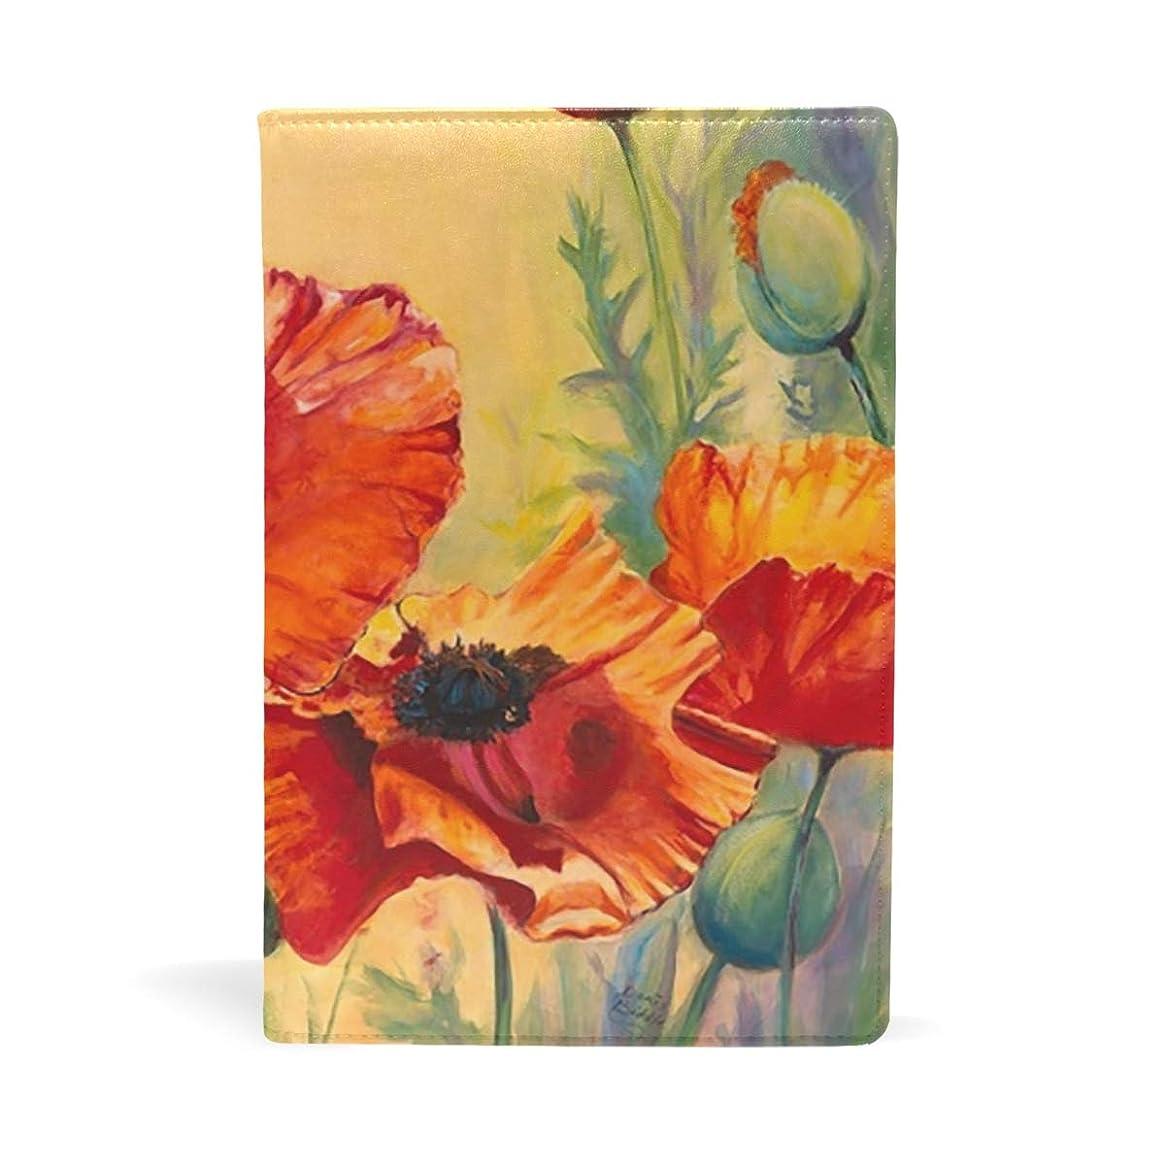 位置づける重力注目すべき花柄 ブックカバー 文庫 a5 皮革 おしゃれ 文庫本カバー 資料 収納入れ オフィス用品 読書 雑貨 プレゼント耐久性に優れ